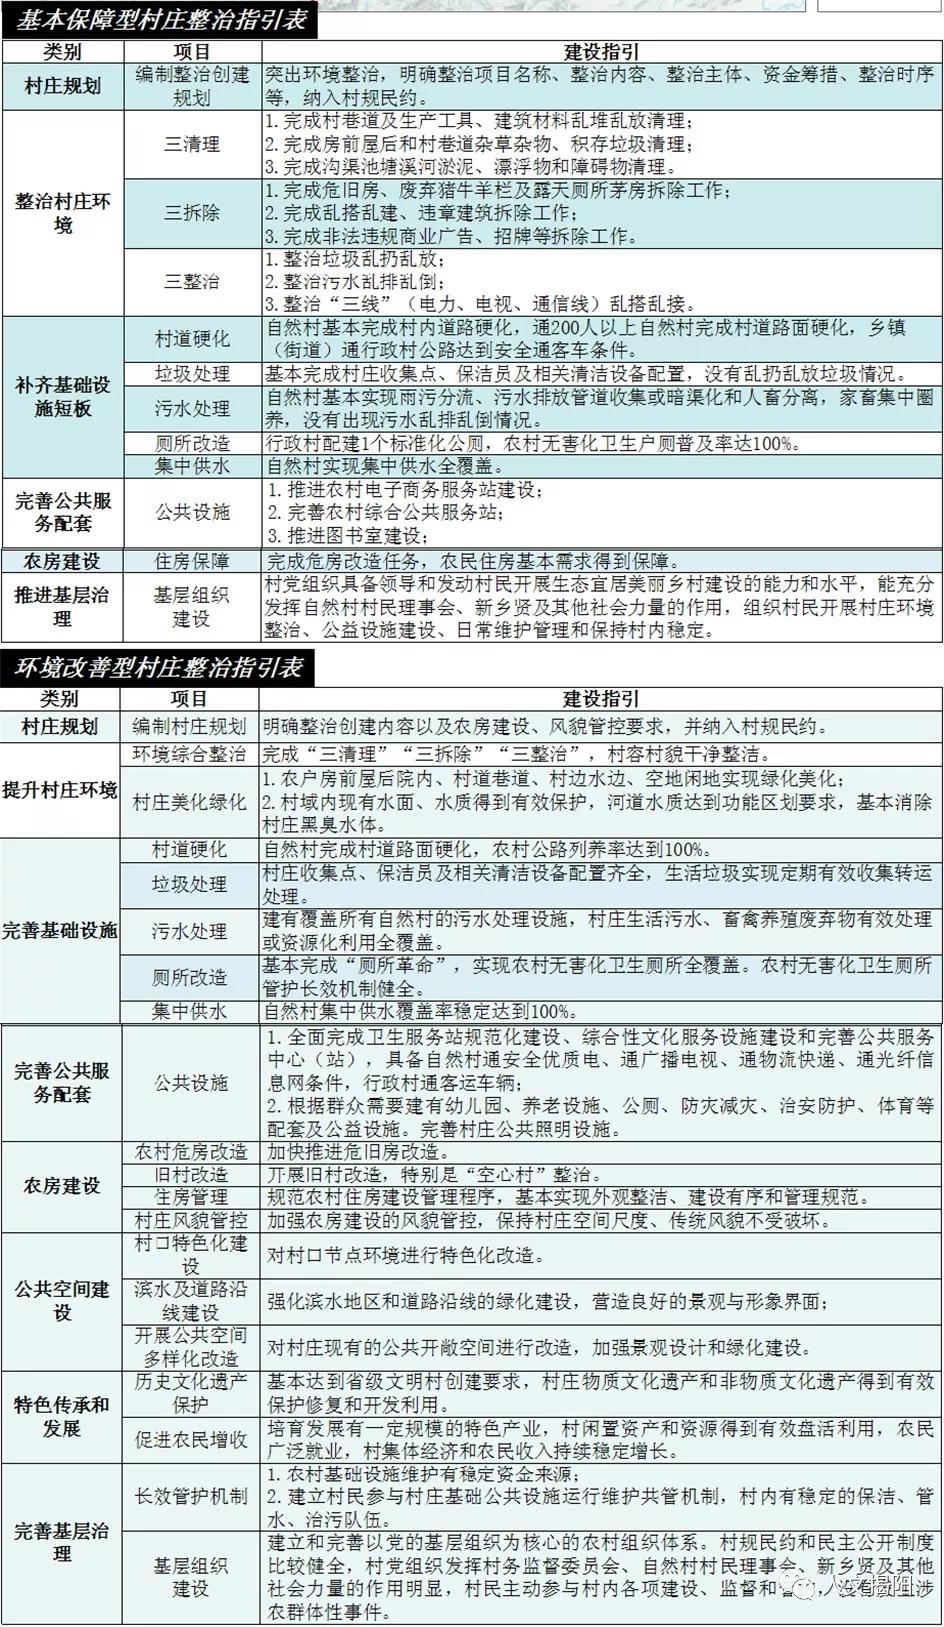 揭西未来!最新《揭西县县域乡村建设规划》公示!